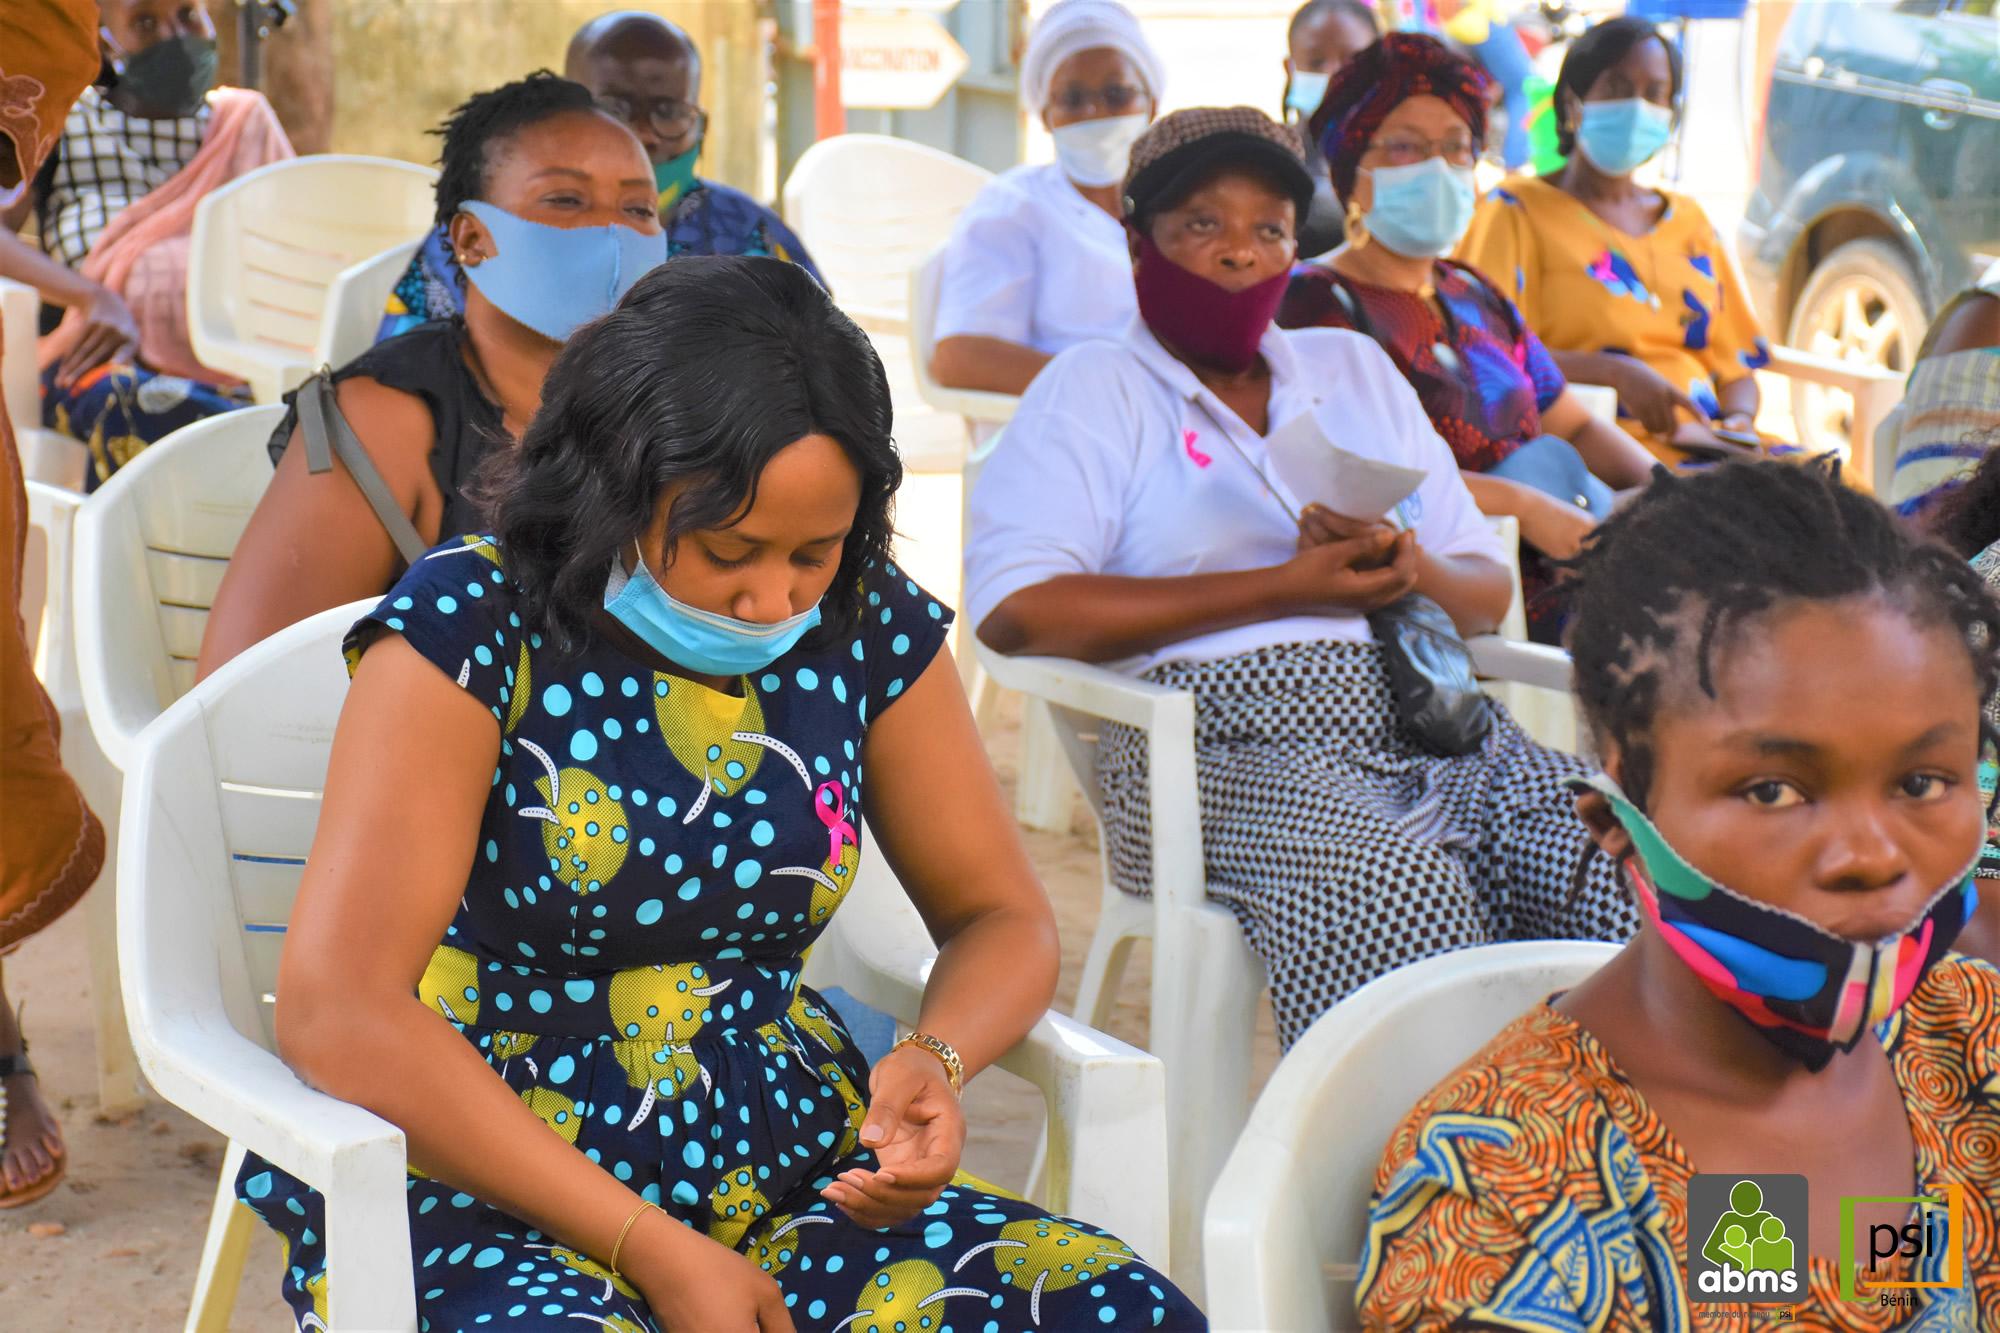 Mois d'octobre rose pour réduire les risques liés au cancer du sein (séance de dépistage du cancer du sein )